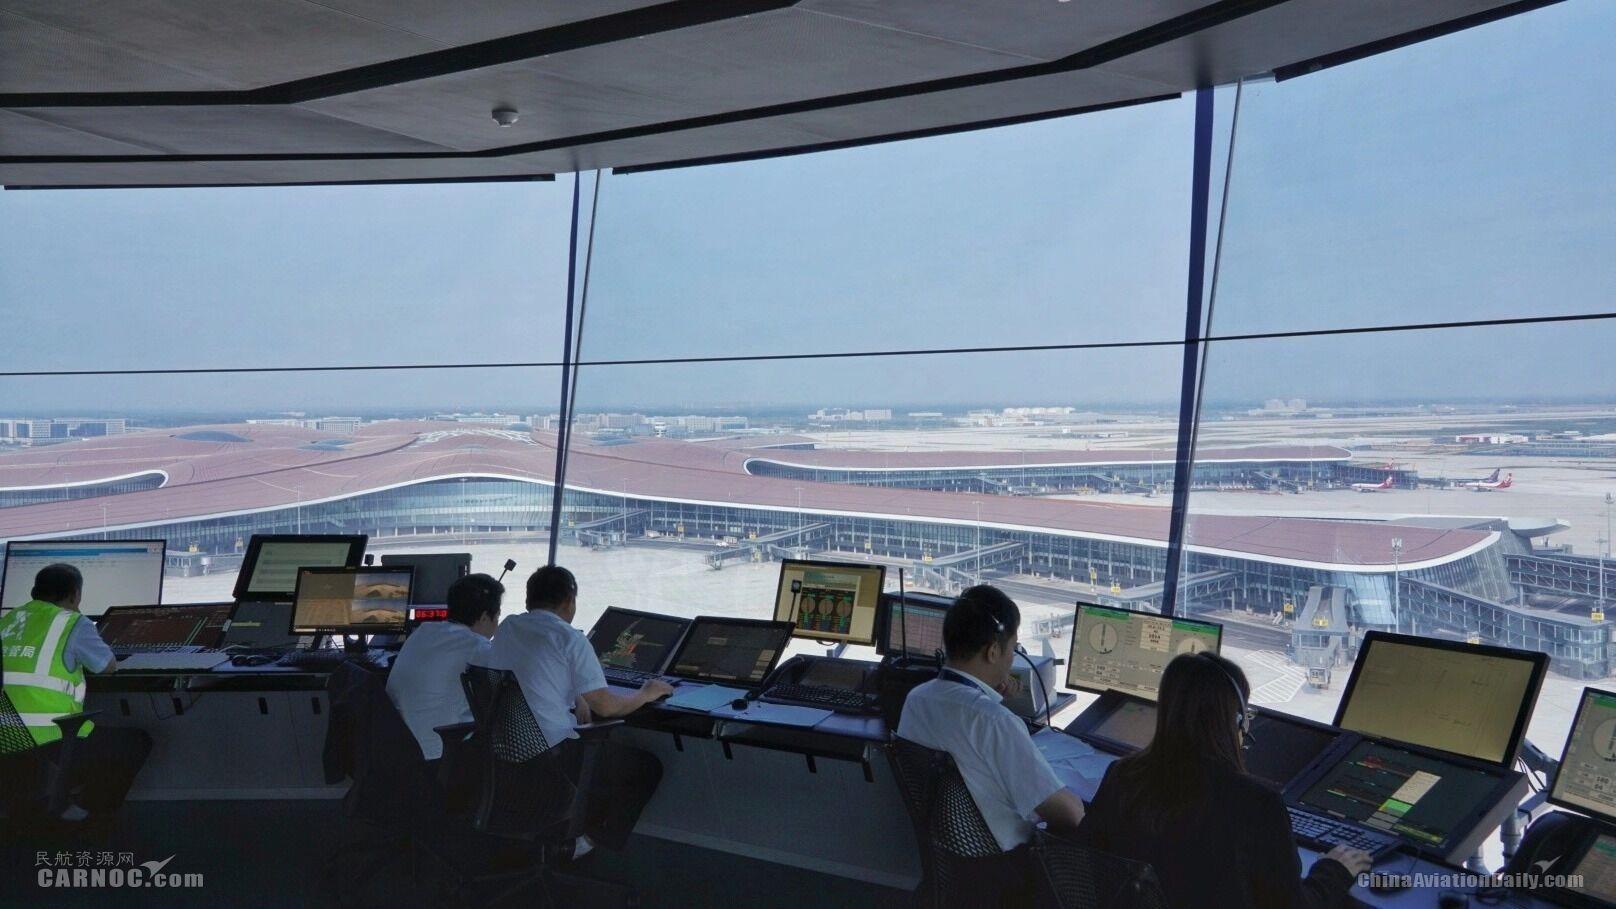 冬春换季大兴机场新增98条航线 首都机场日均航班1670架次